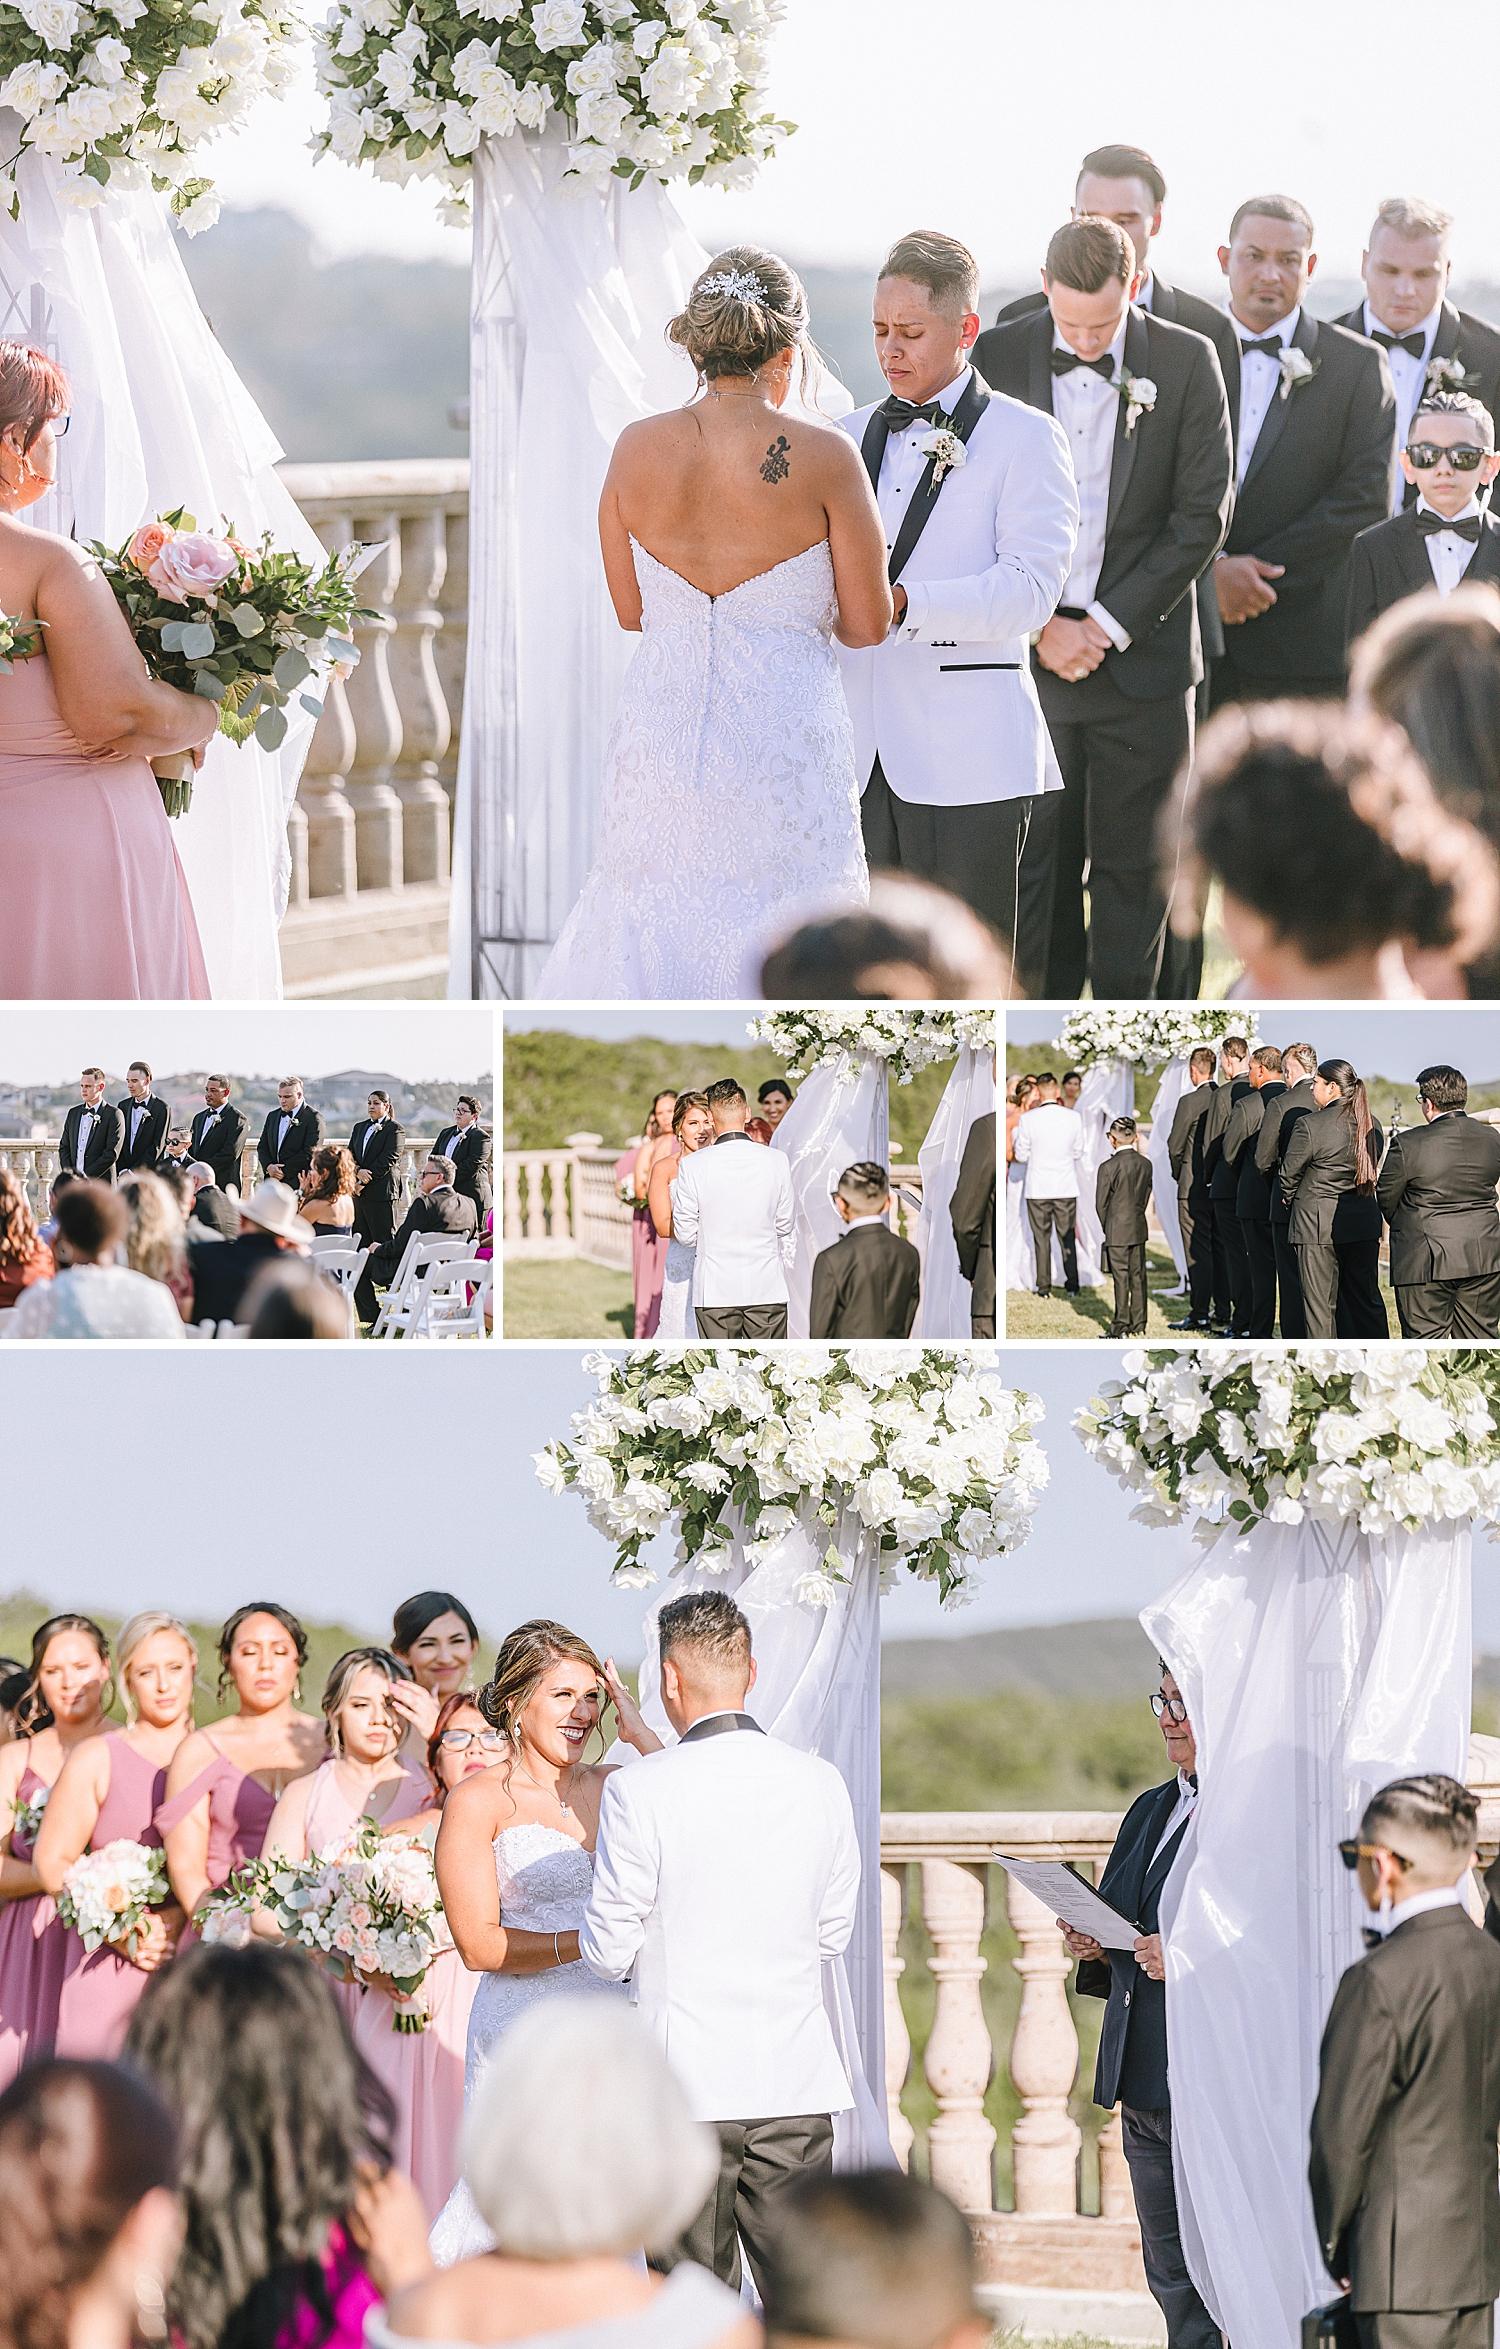 Carly-Barton-Photography-The-Villa-at-Cielo-Vista-Blush-Gold-White-Wedding-Photos_0089.jpg